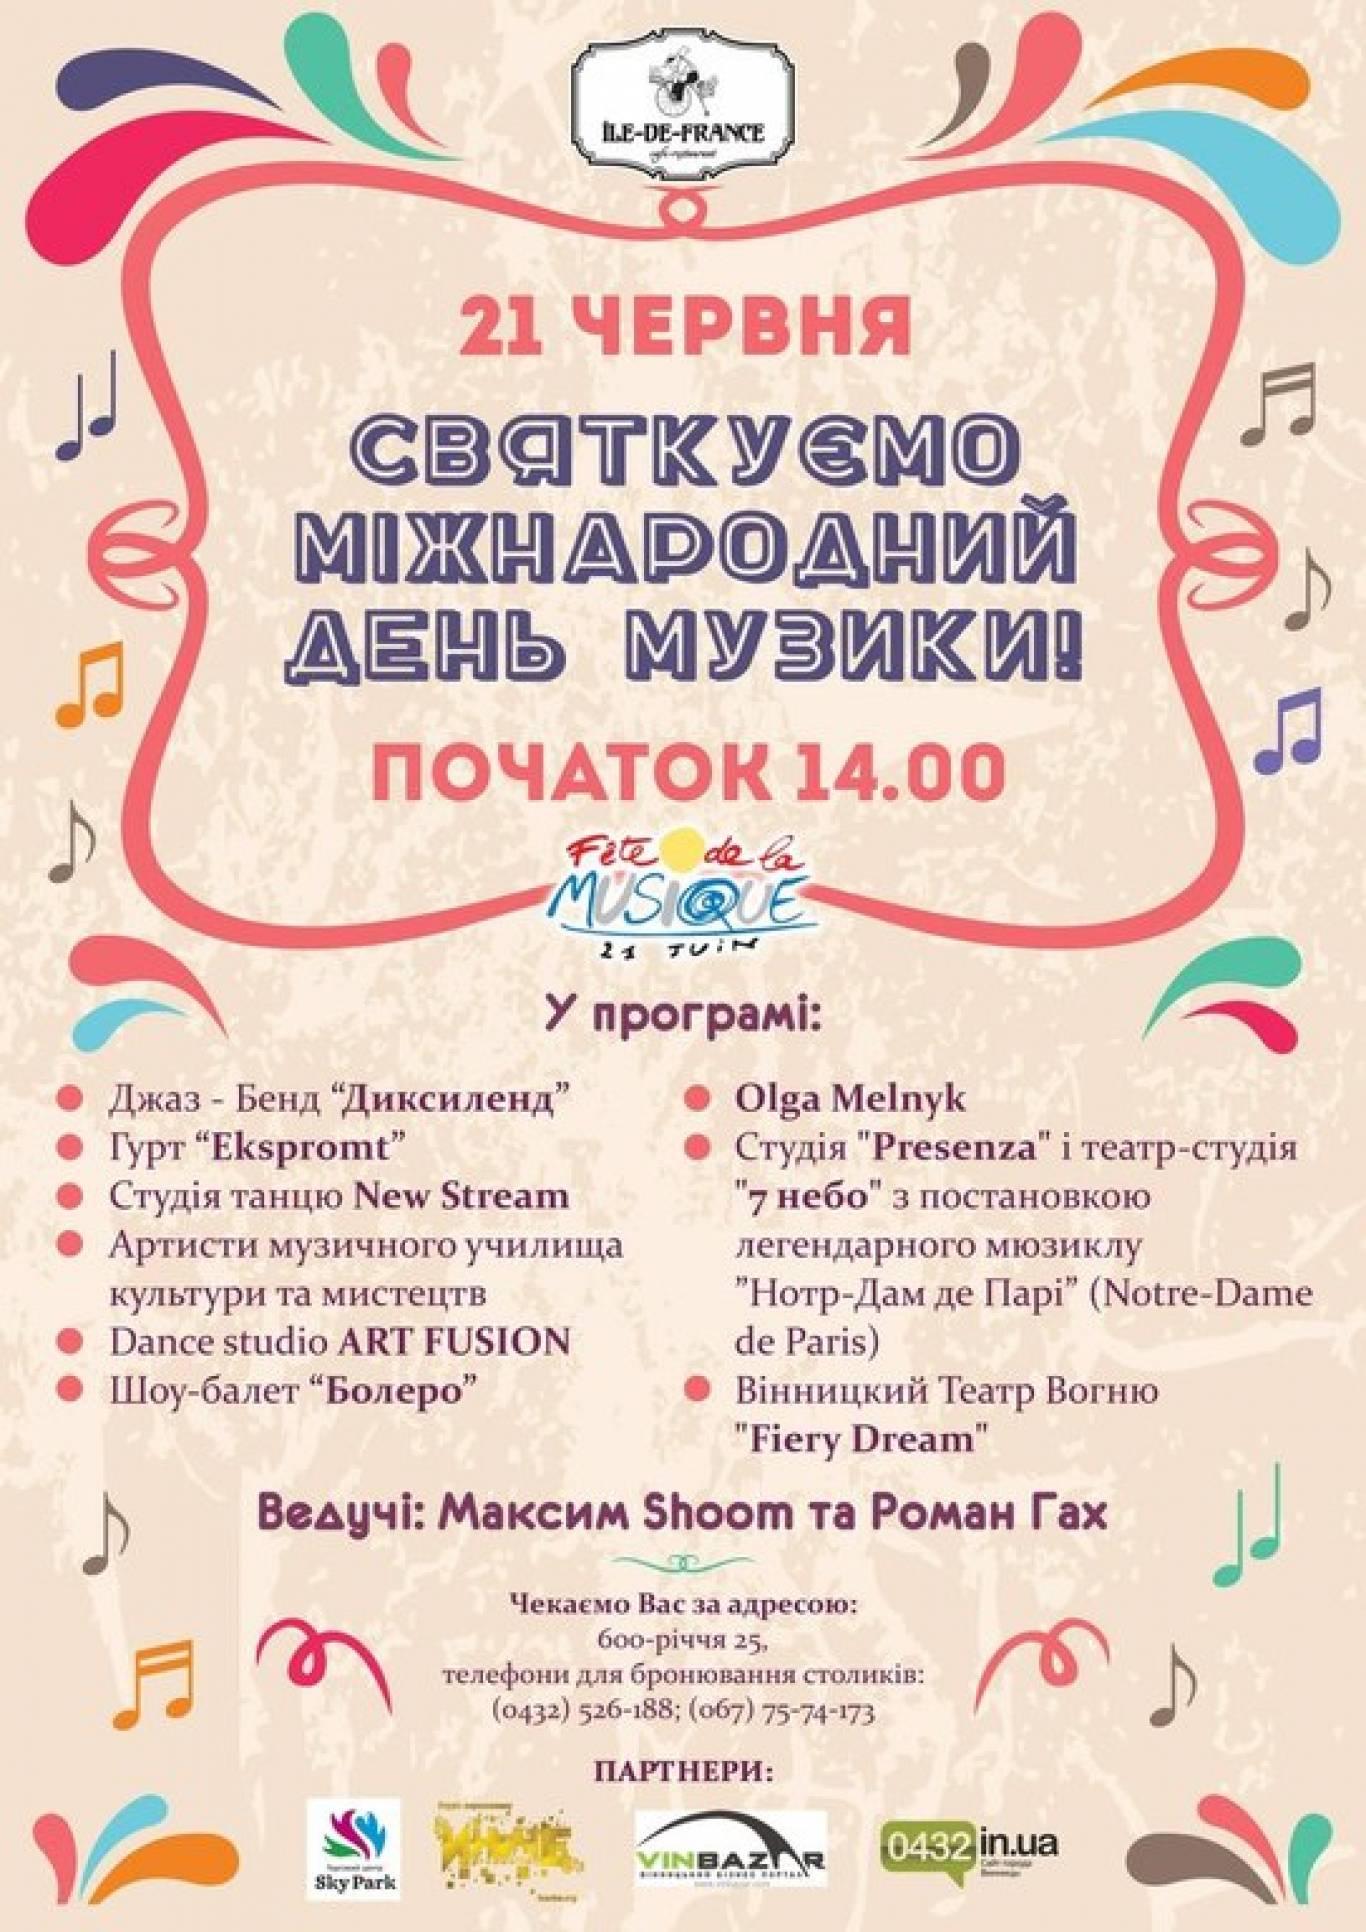 Мюзикл «Нотр-Дам де Парі» на честь міжнародного дня музики